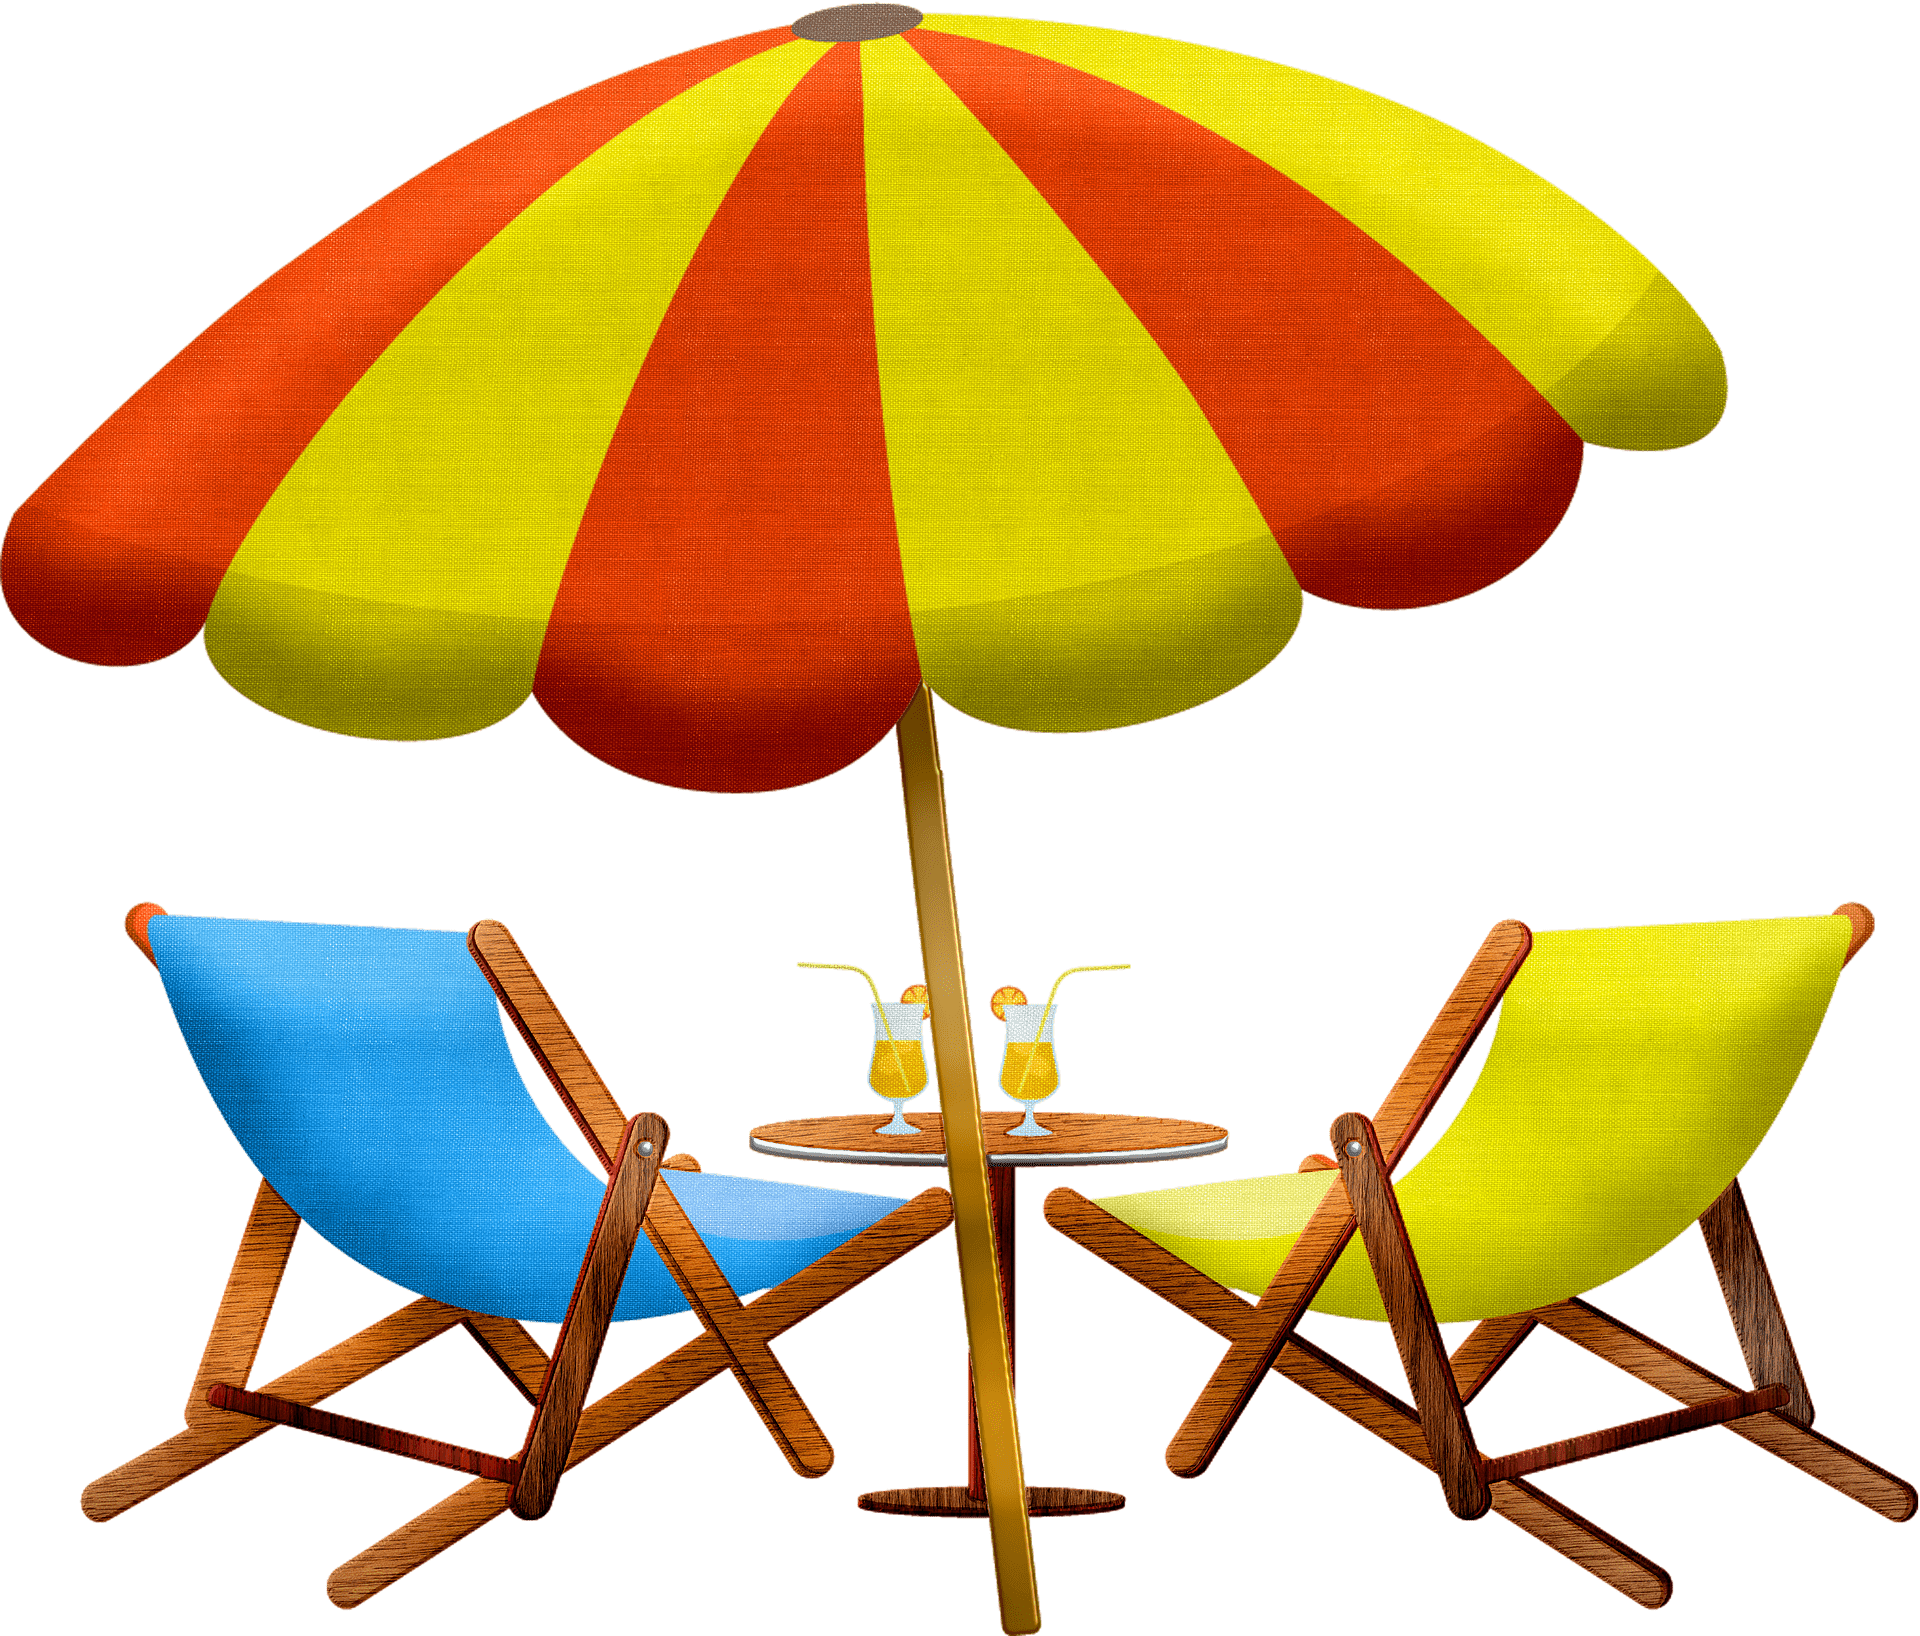 beach furniture 5212821 1920